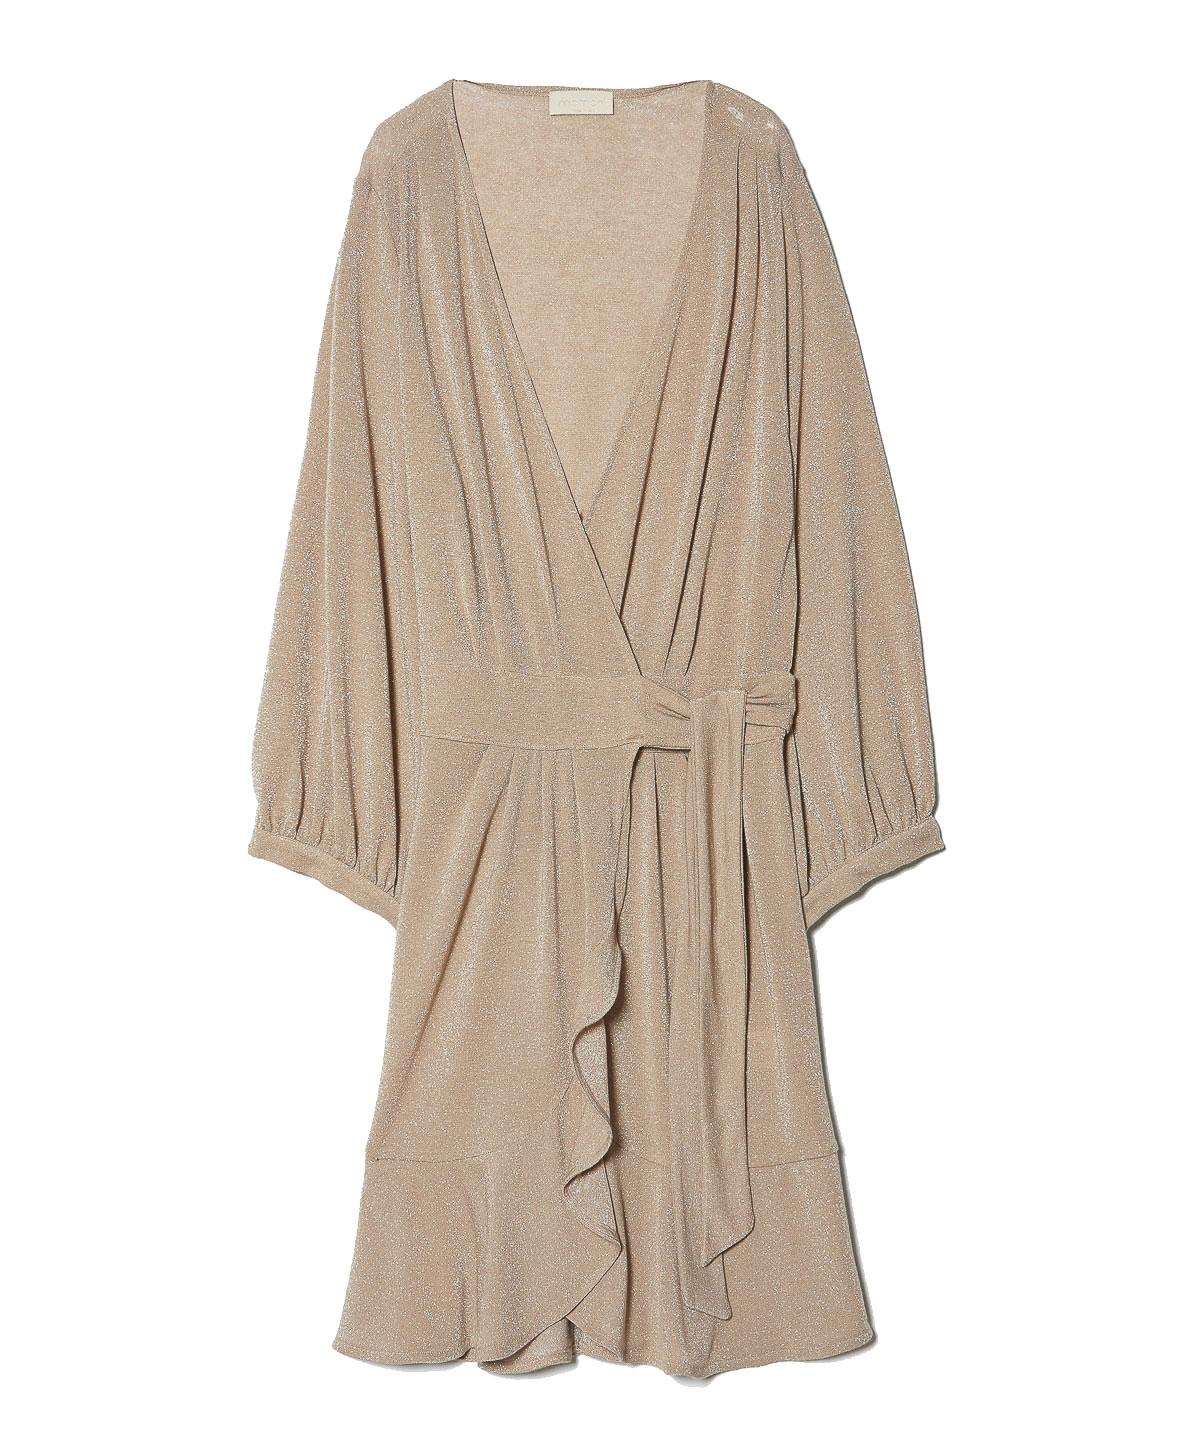 Vestito corto a portafoglio in jersey lurex cipria MOMONI | Vestiti | MODR0290400